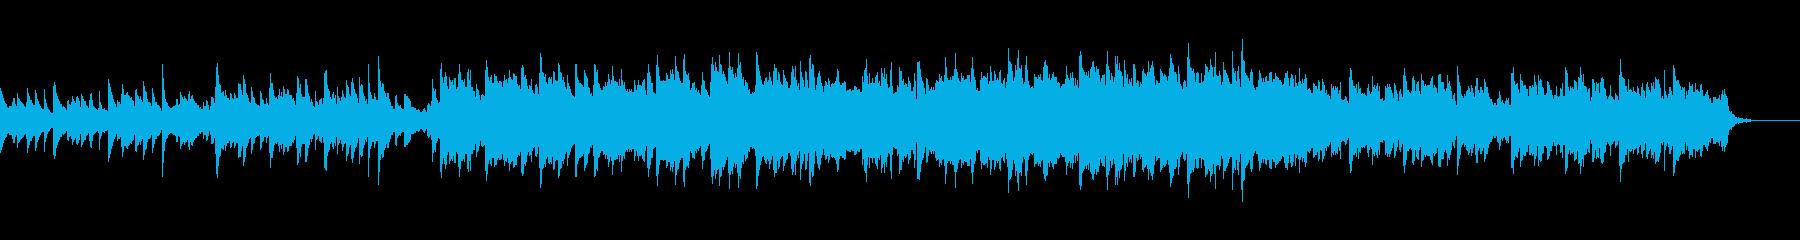 ピアノとサックス、ストリングの軽やかな曲の再生済みの波形